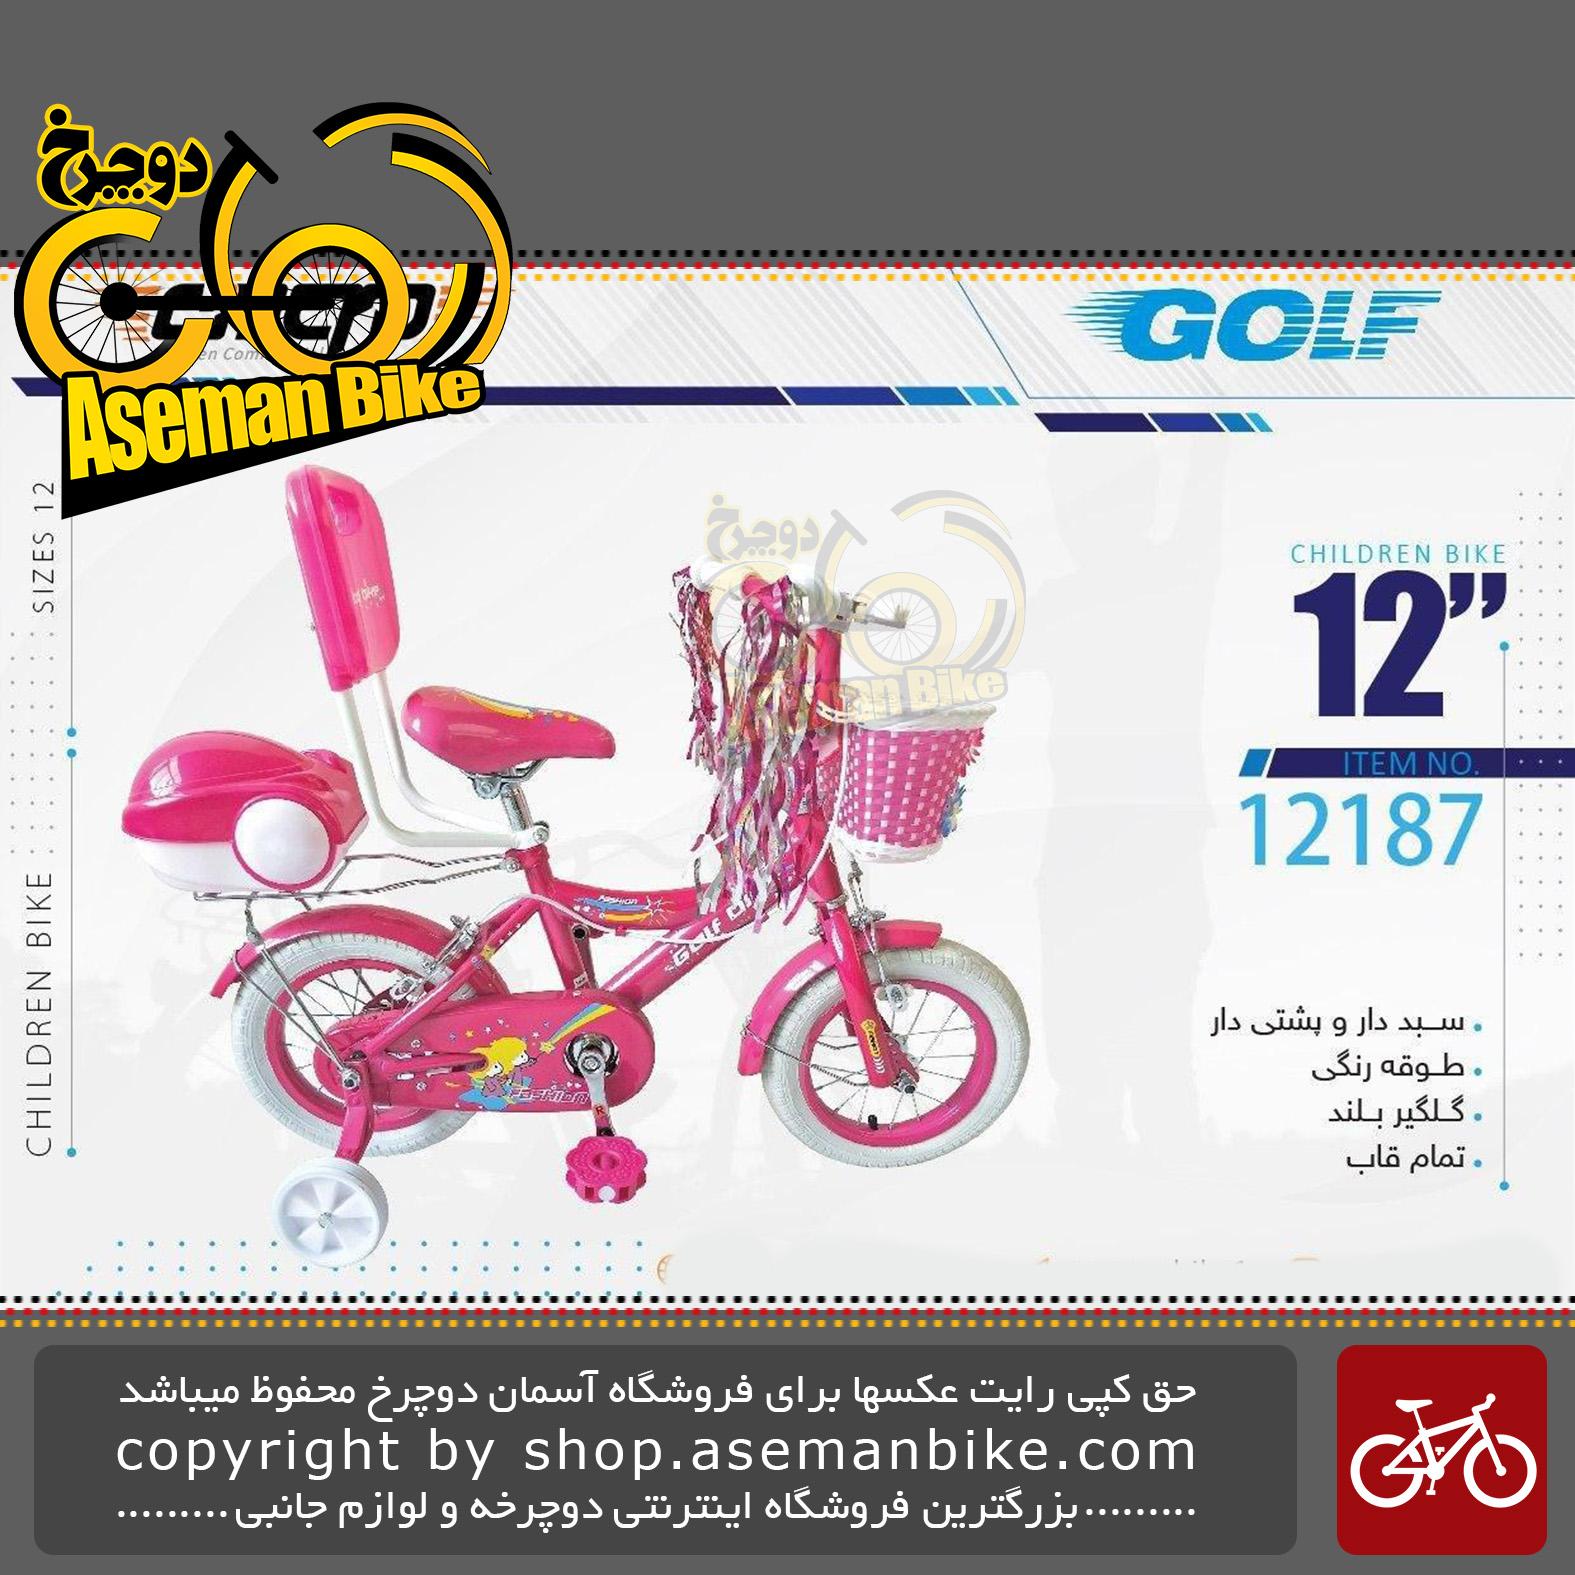 دوچرخه بچگانه دخترانه گلف سایز 12 پشتی دار صندوق دار سبد دار مدل 12187 GOLF Bicycle Kids Size 12 Model 12187